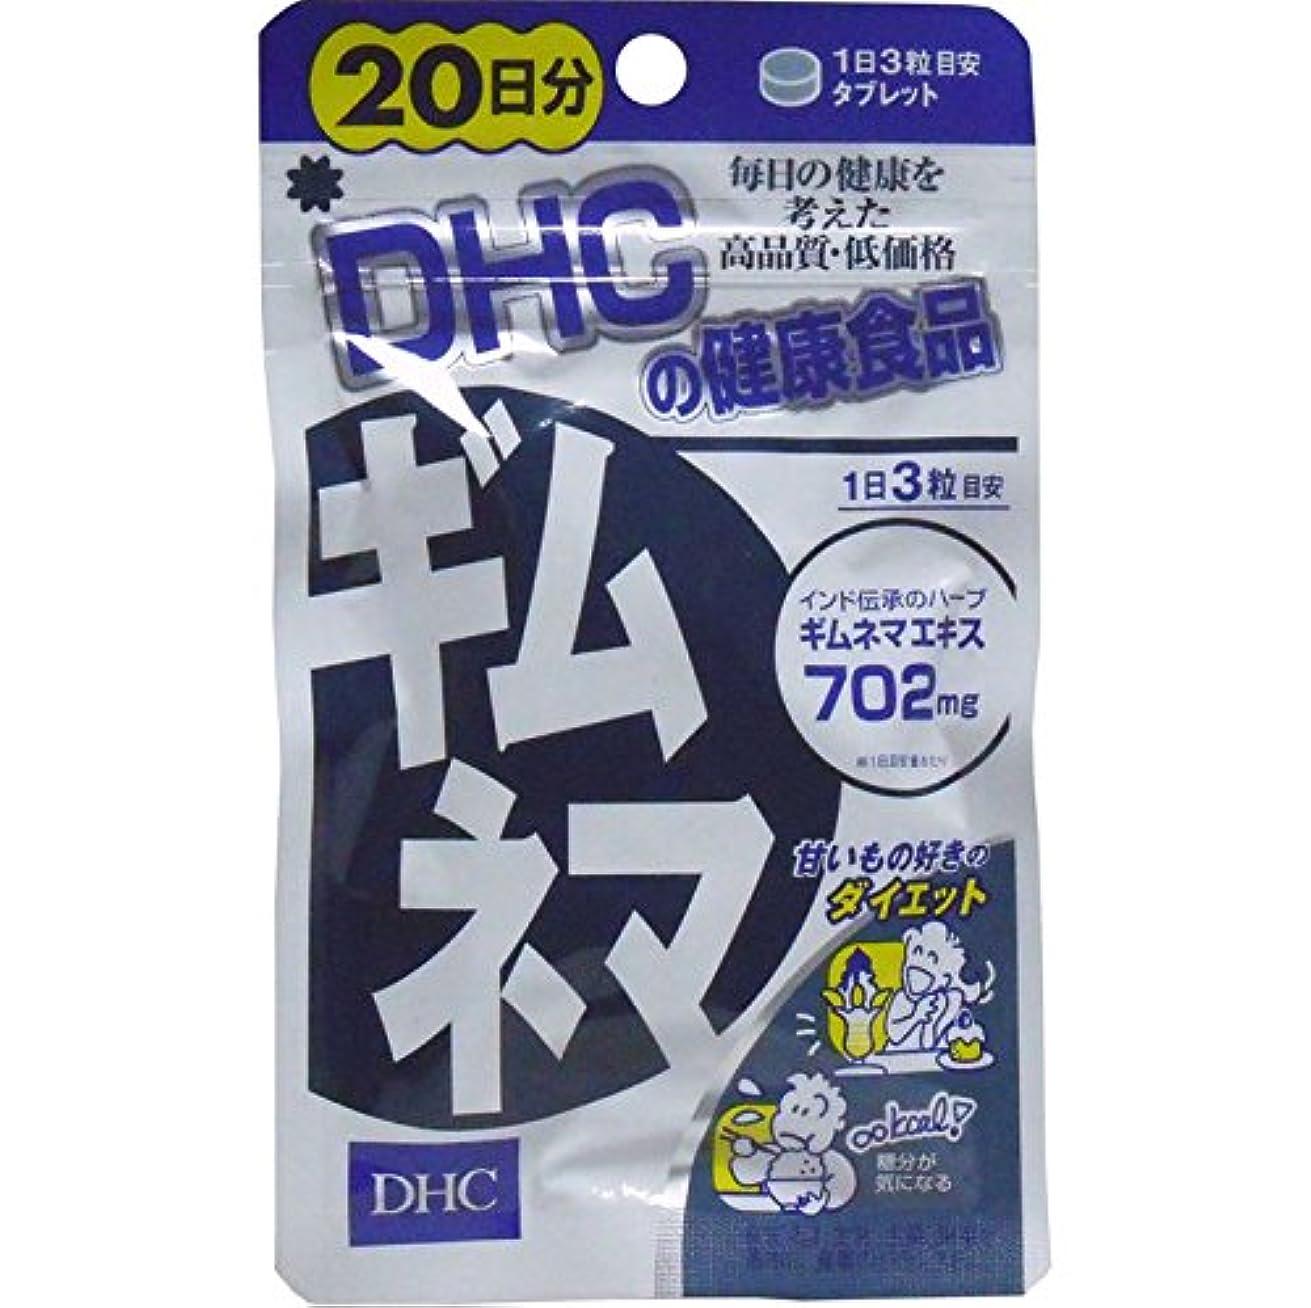 我慢せずに余分な糖分をブロック DHC ギムネマ 20日分 60粒